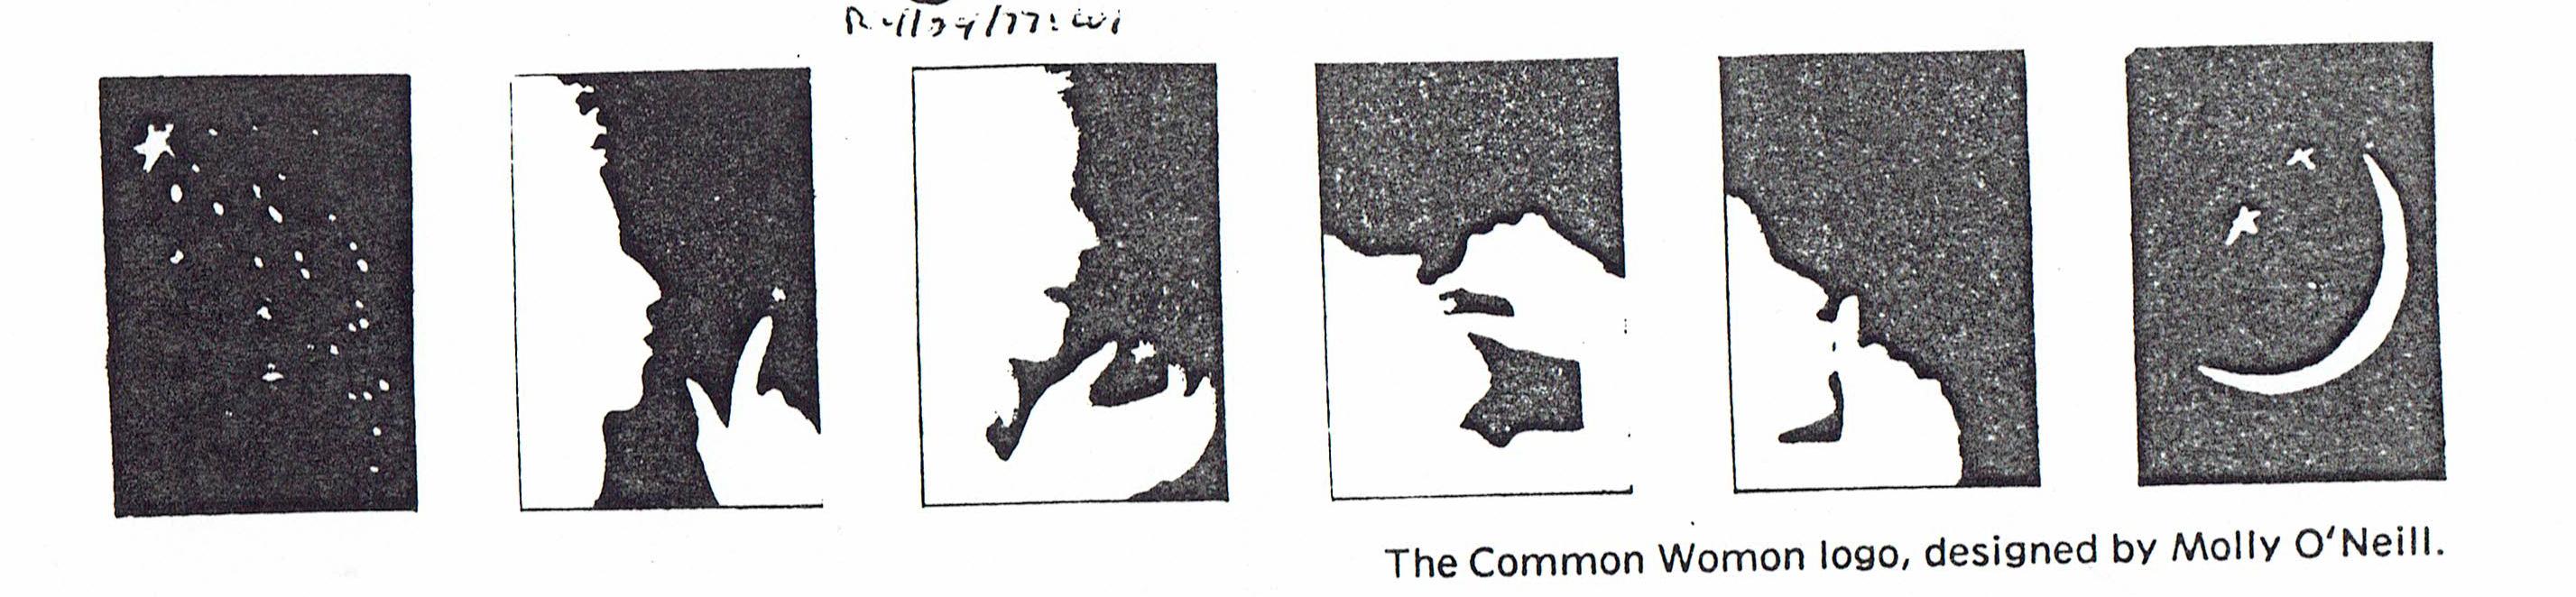 cwc logo apr 1977_edited-1